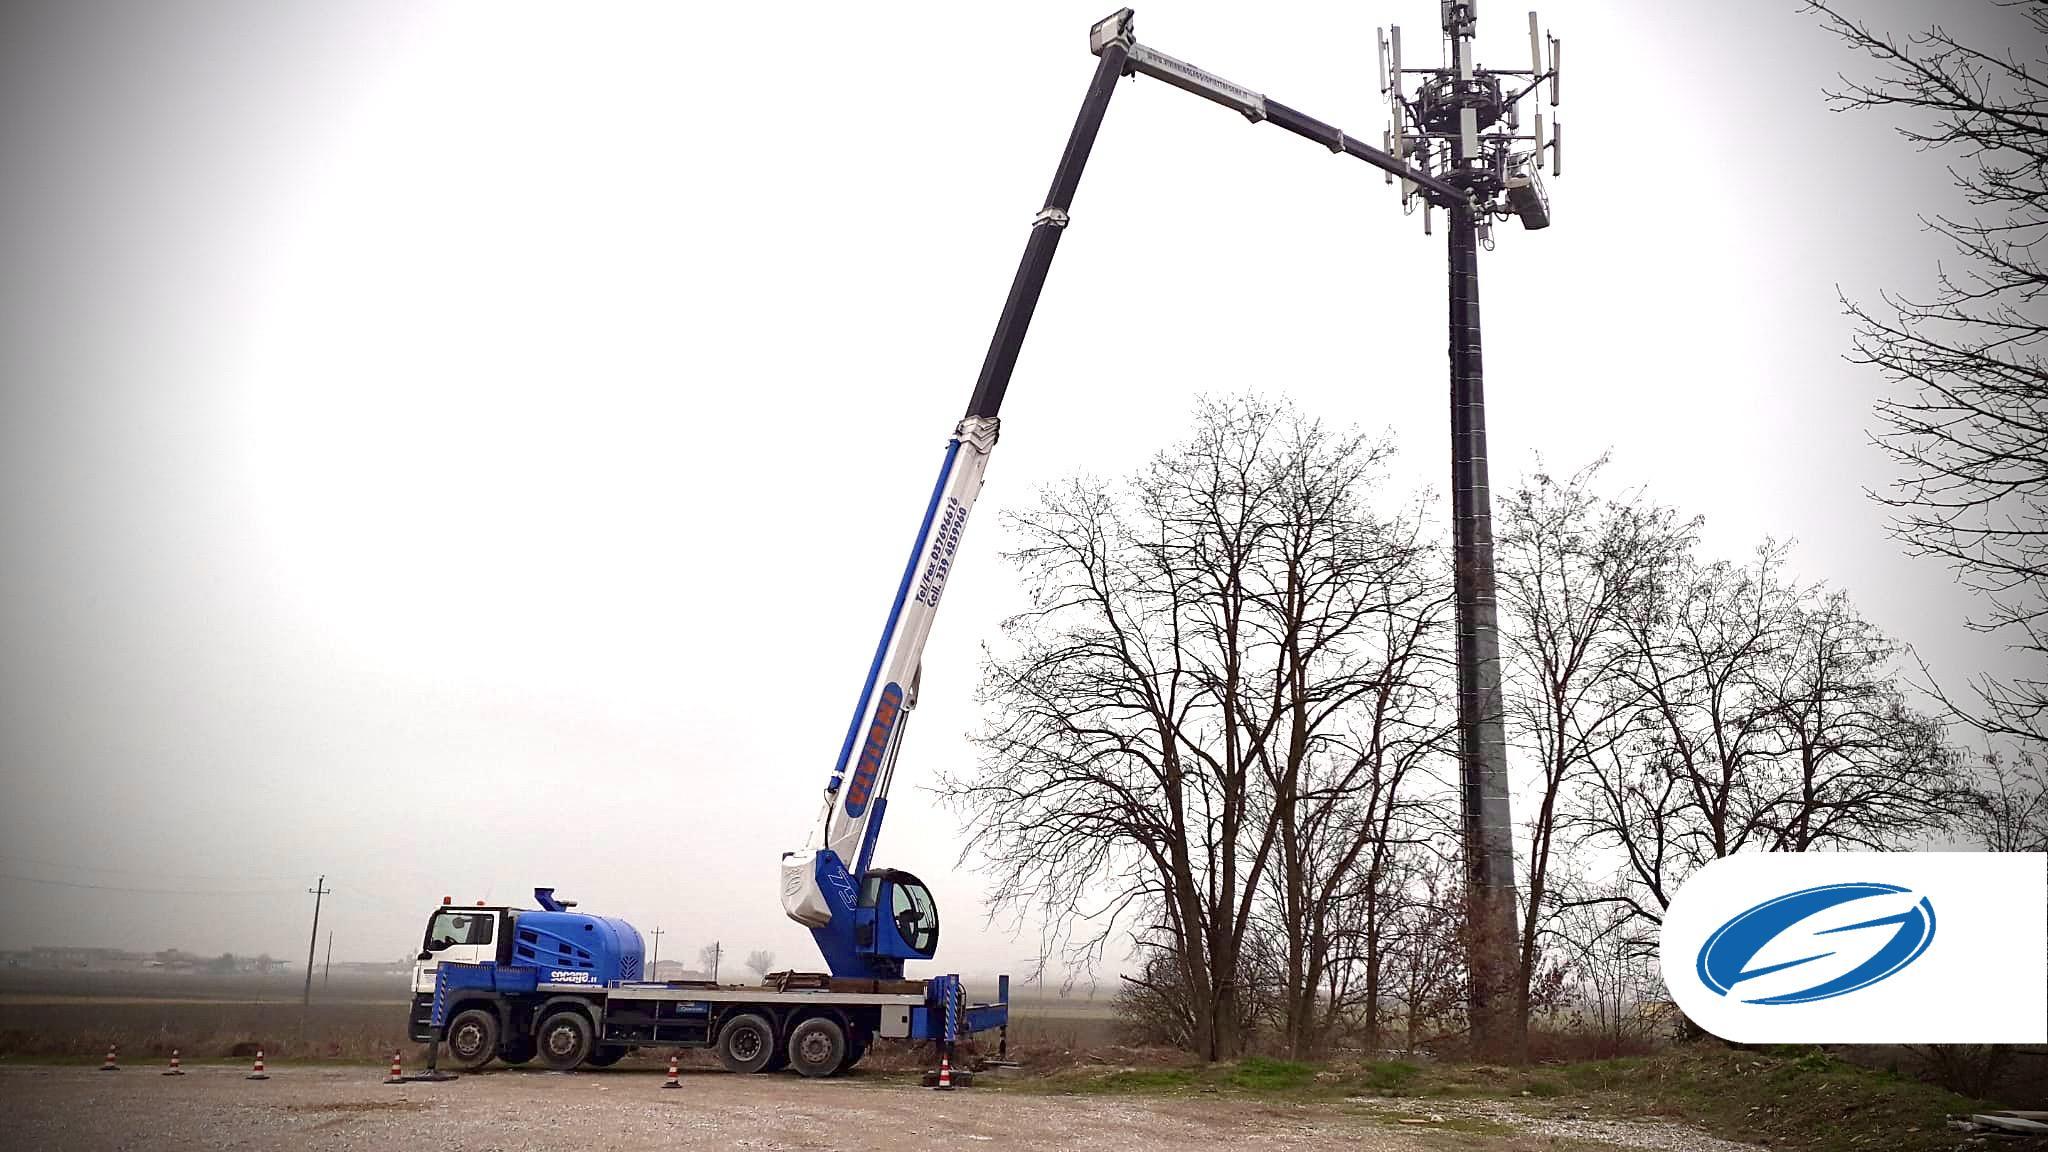 Aerial work platform ForSte 75TJ work